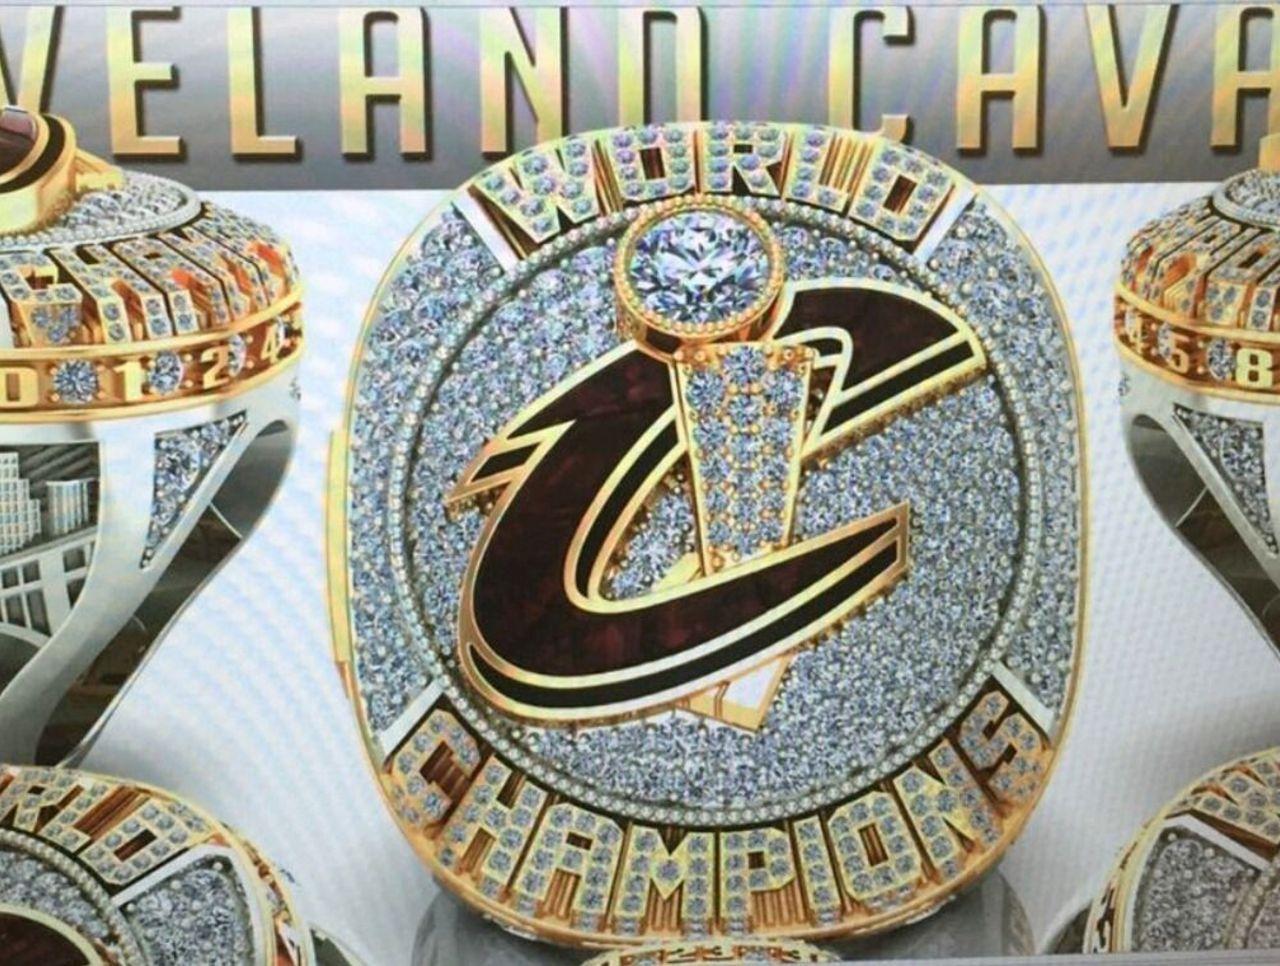 Ричард Джефферсон показал чемпионский перстень